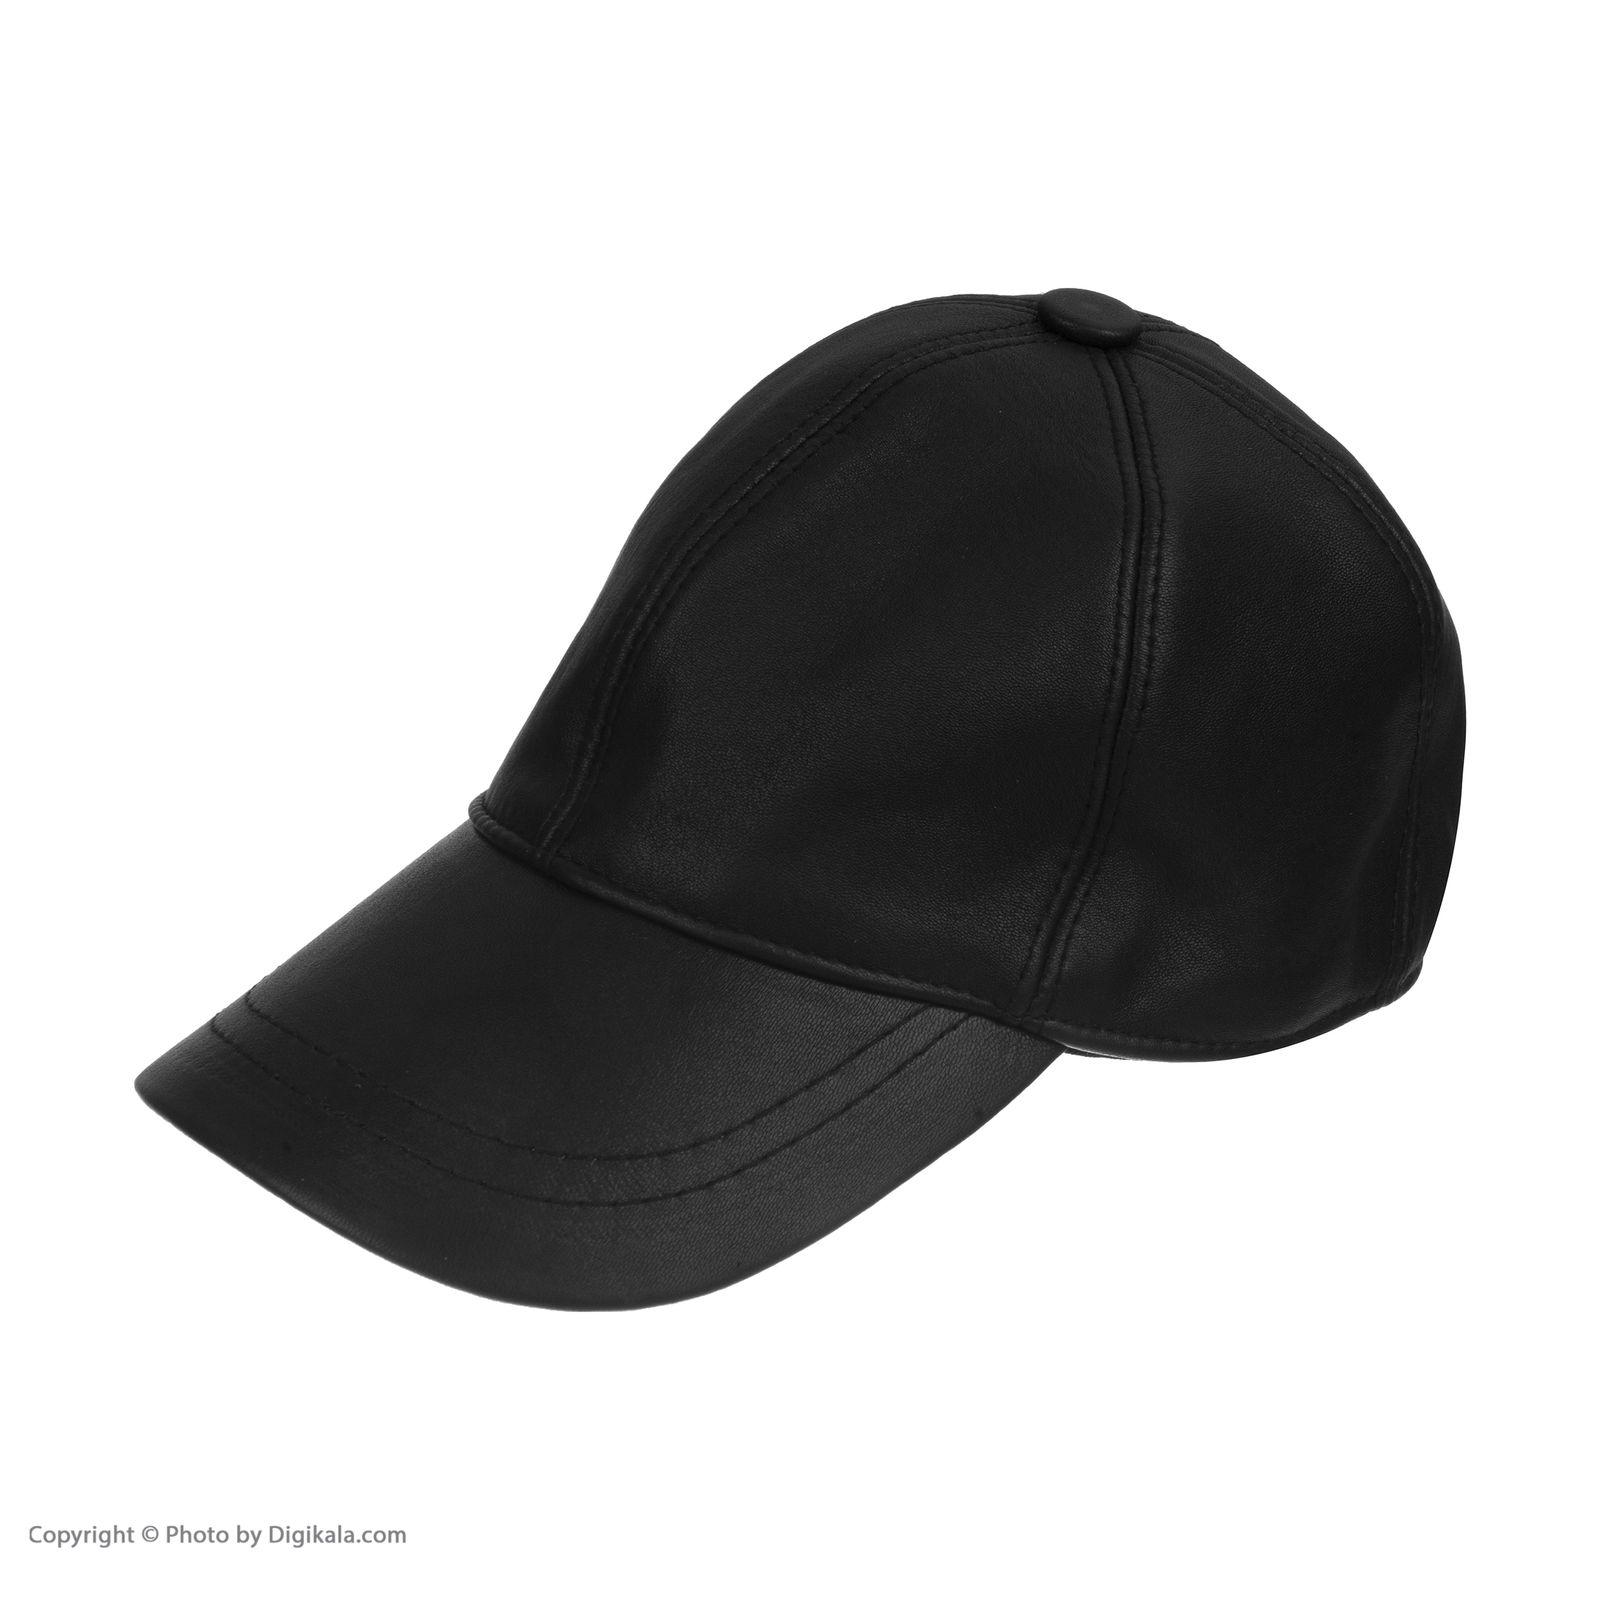 کلاه شیفر مدل 8701A01 - مشکی - 2